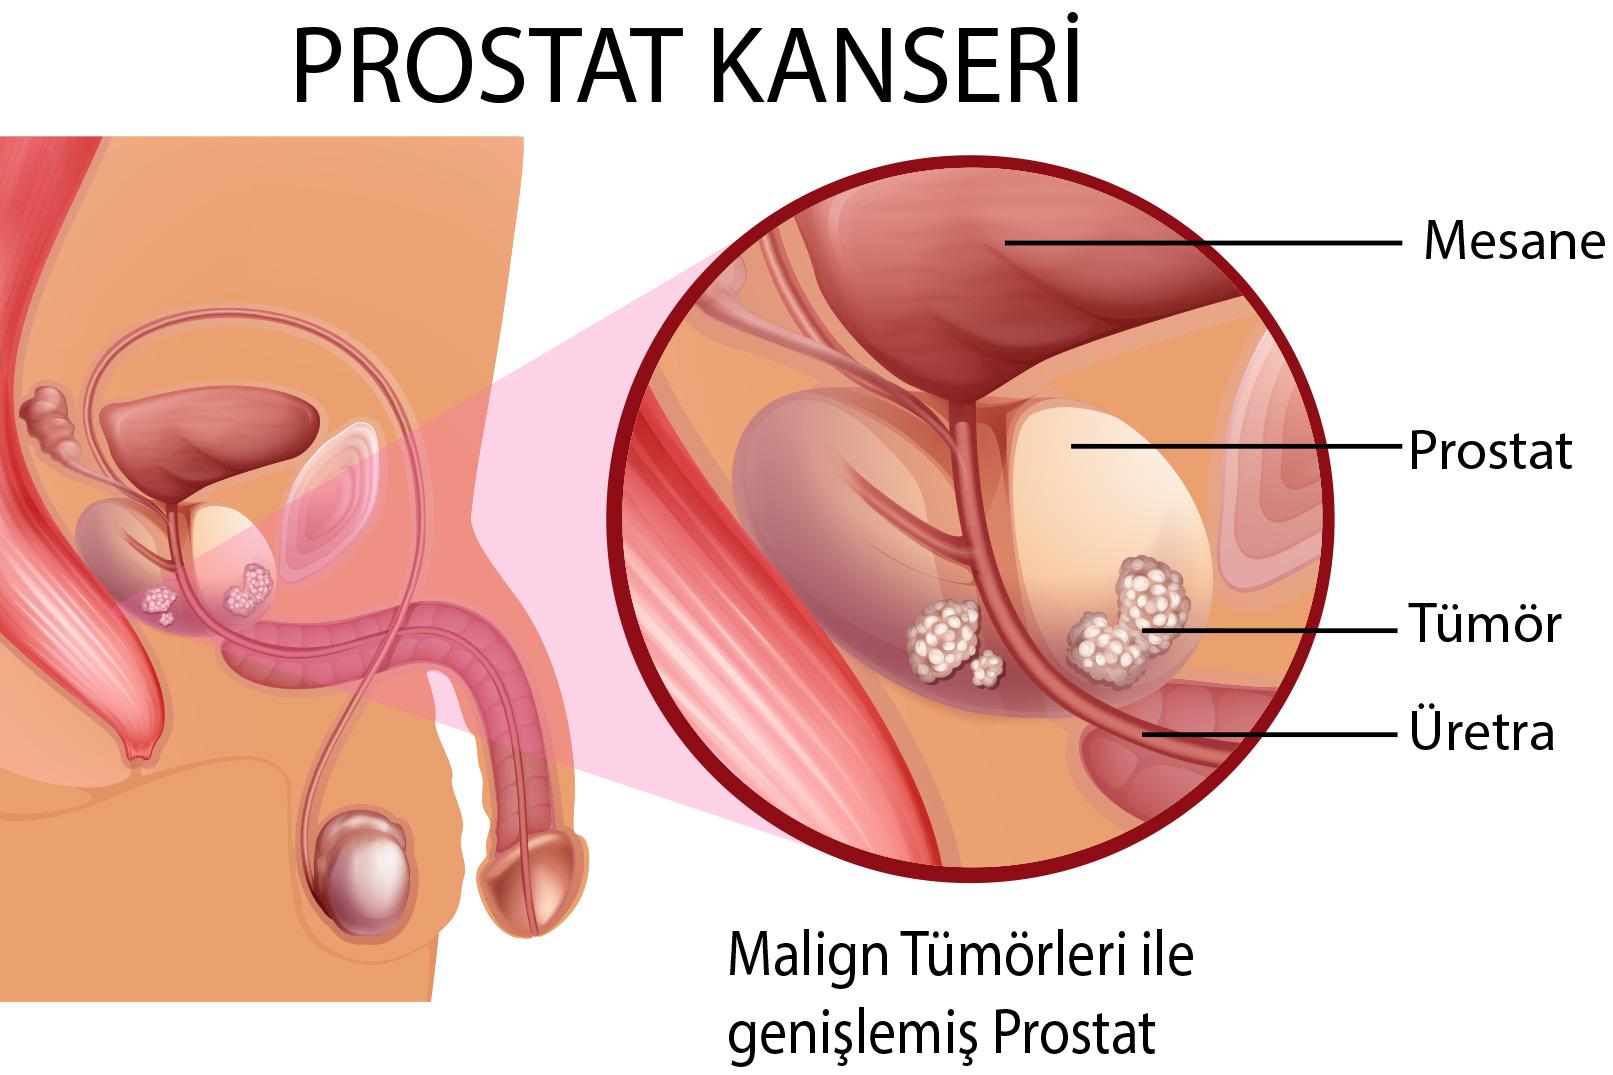 prostat kanseri, prostat kanseri nedenleri, prostat kanserinin tetikleyicileri